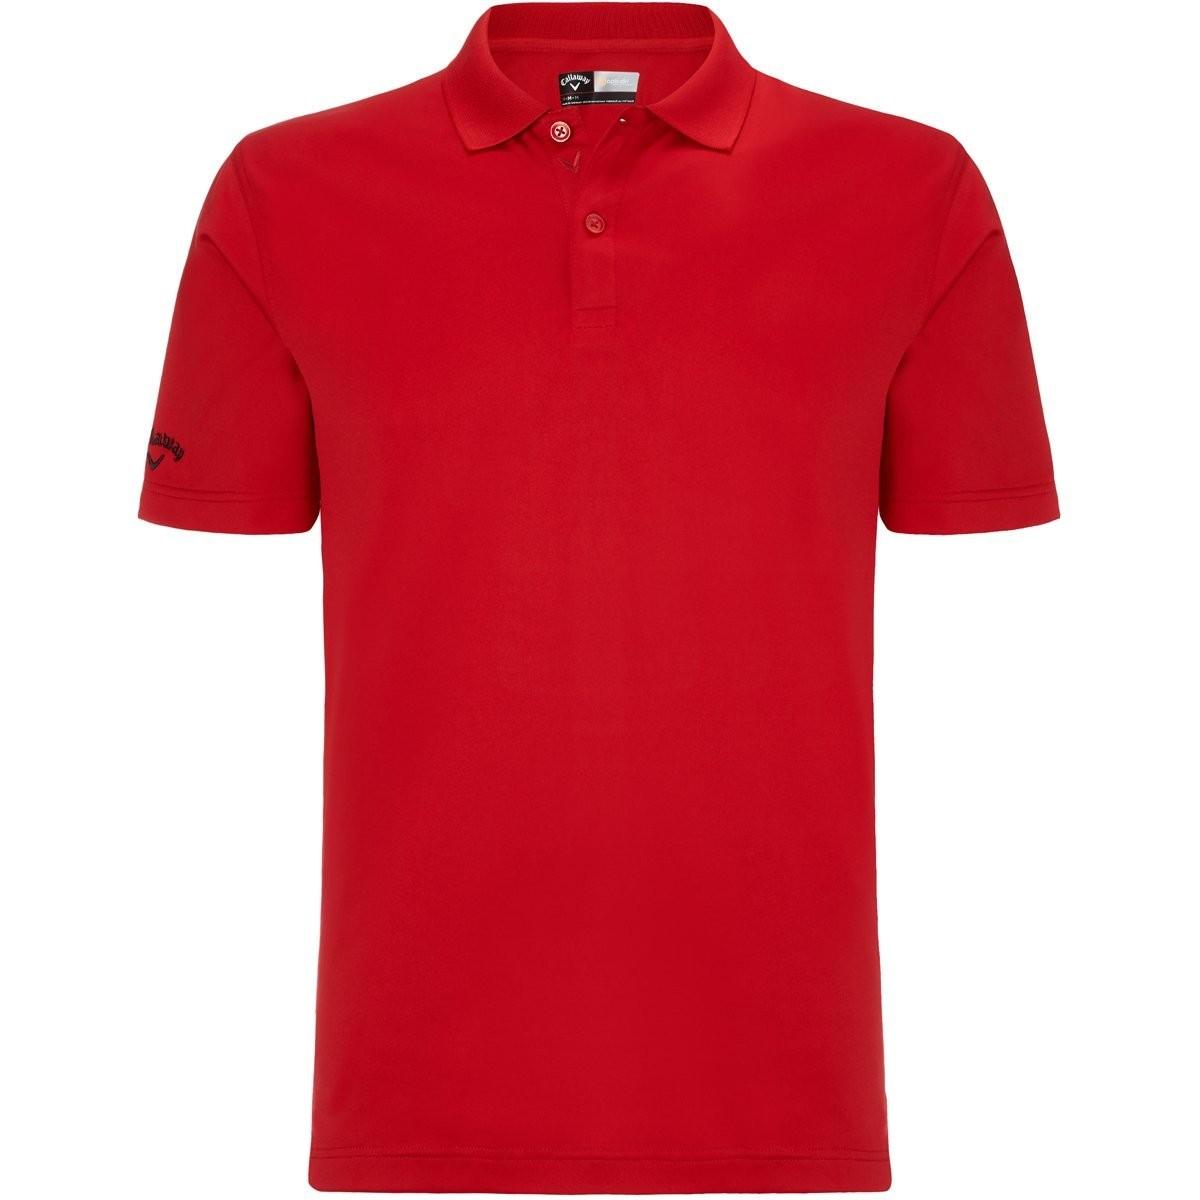 78b0e634a Callaway Camiseta Callaway S Pequeña Roja Tango Opti Dri polo hombre ...